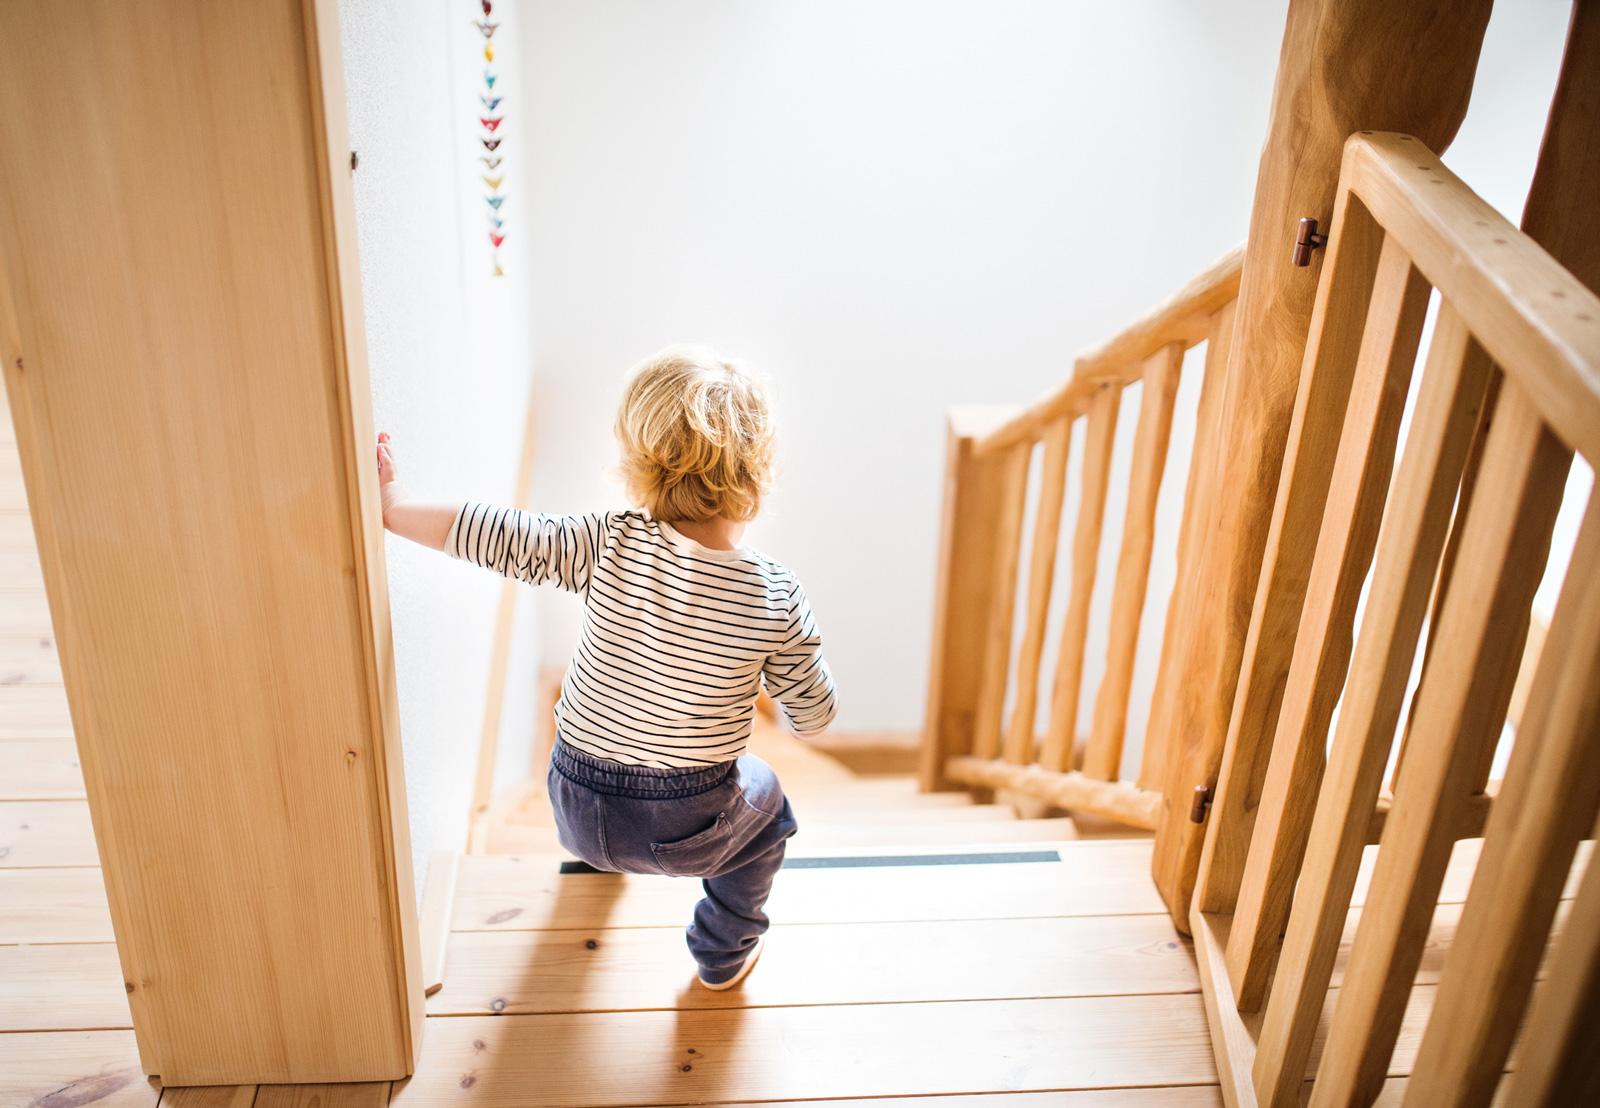 Sturzgefahr: Solange Kinder noch wackelig auf den Beinen sind, sollten sie steile Treppen nie allein hinuntergehen.